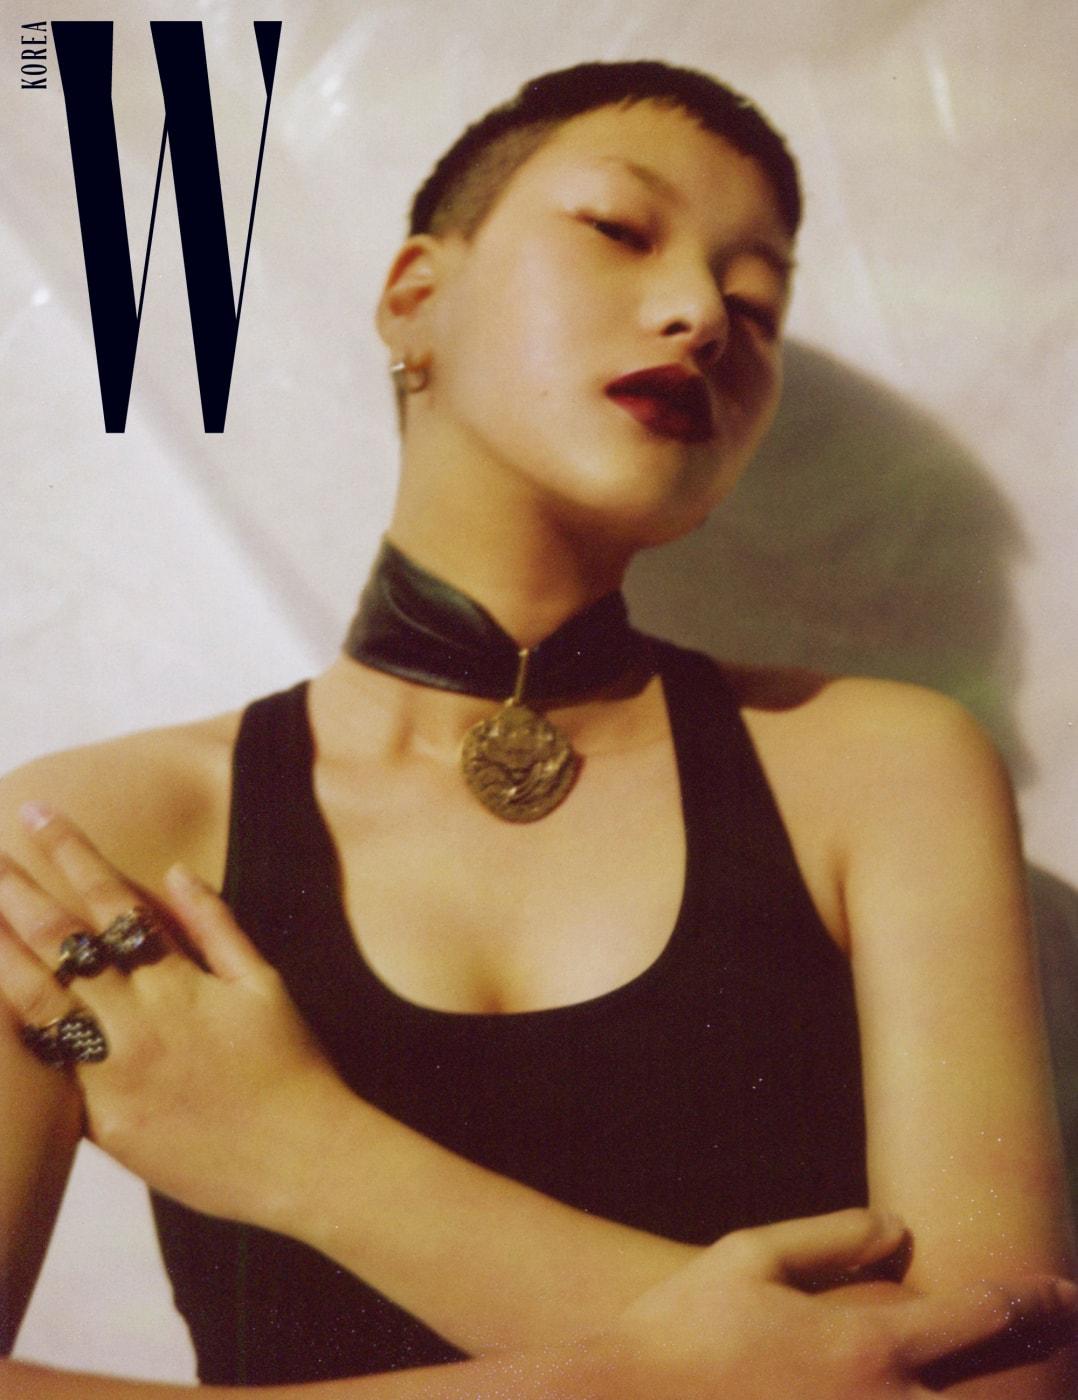 초커형 목걸이는 루이 비통, 슬리브리스는 나이키, 반지는 디올 제품.